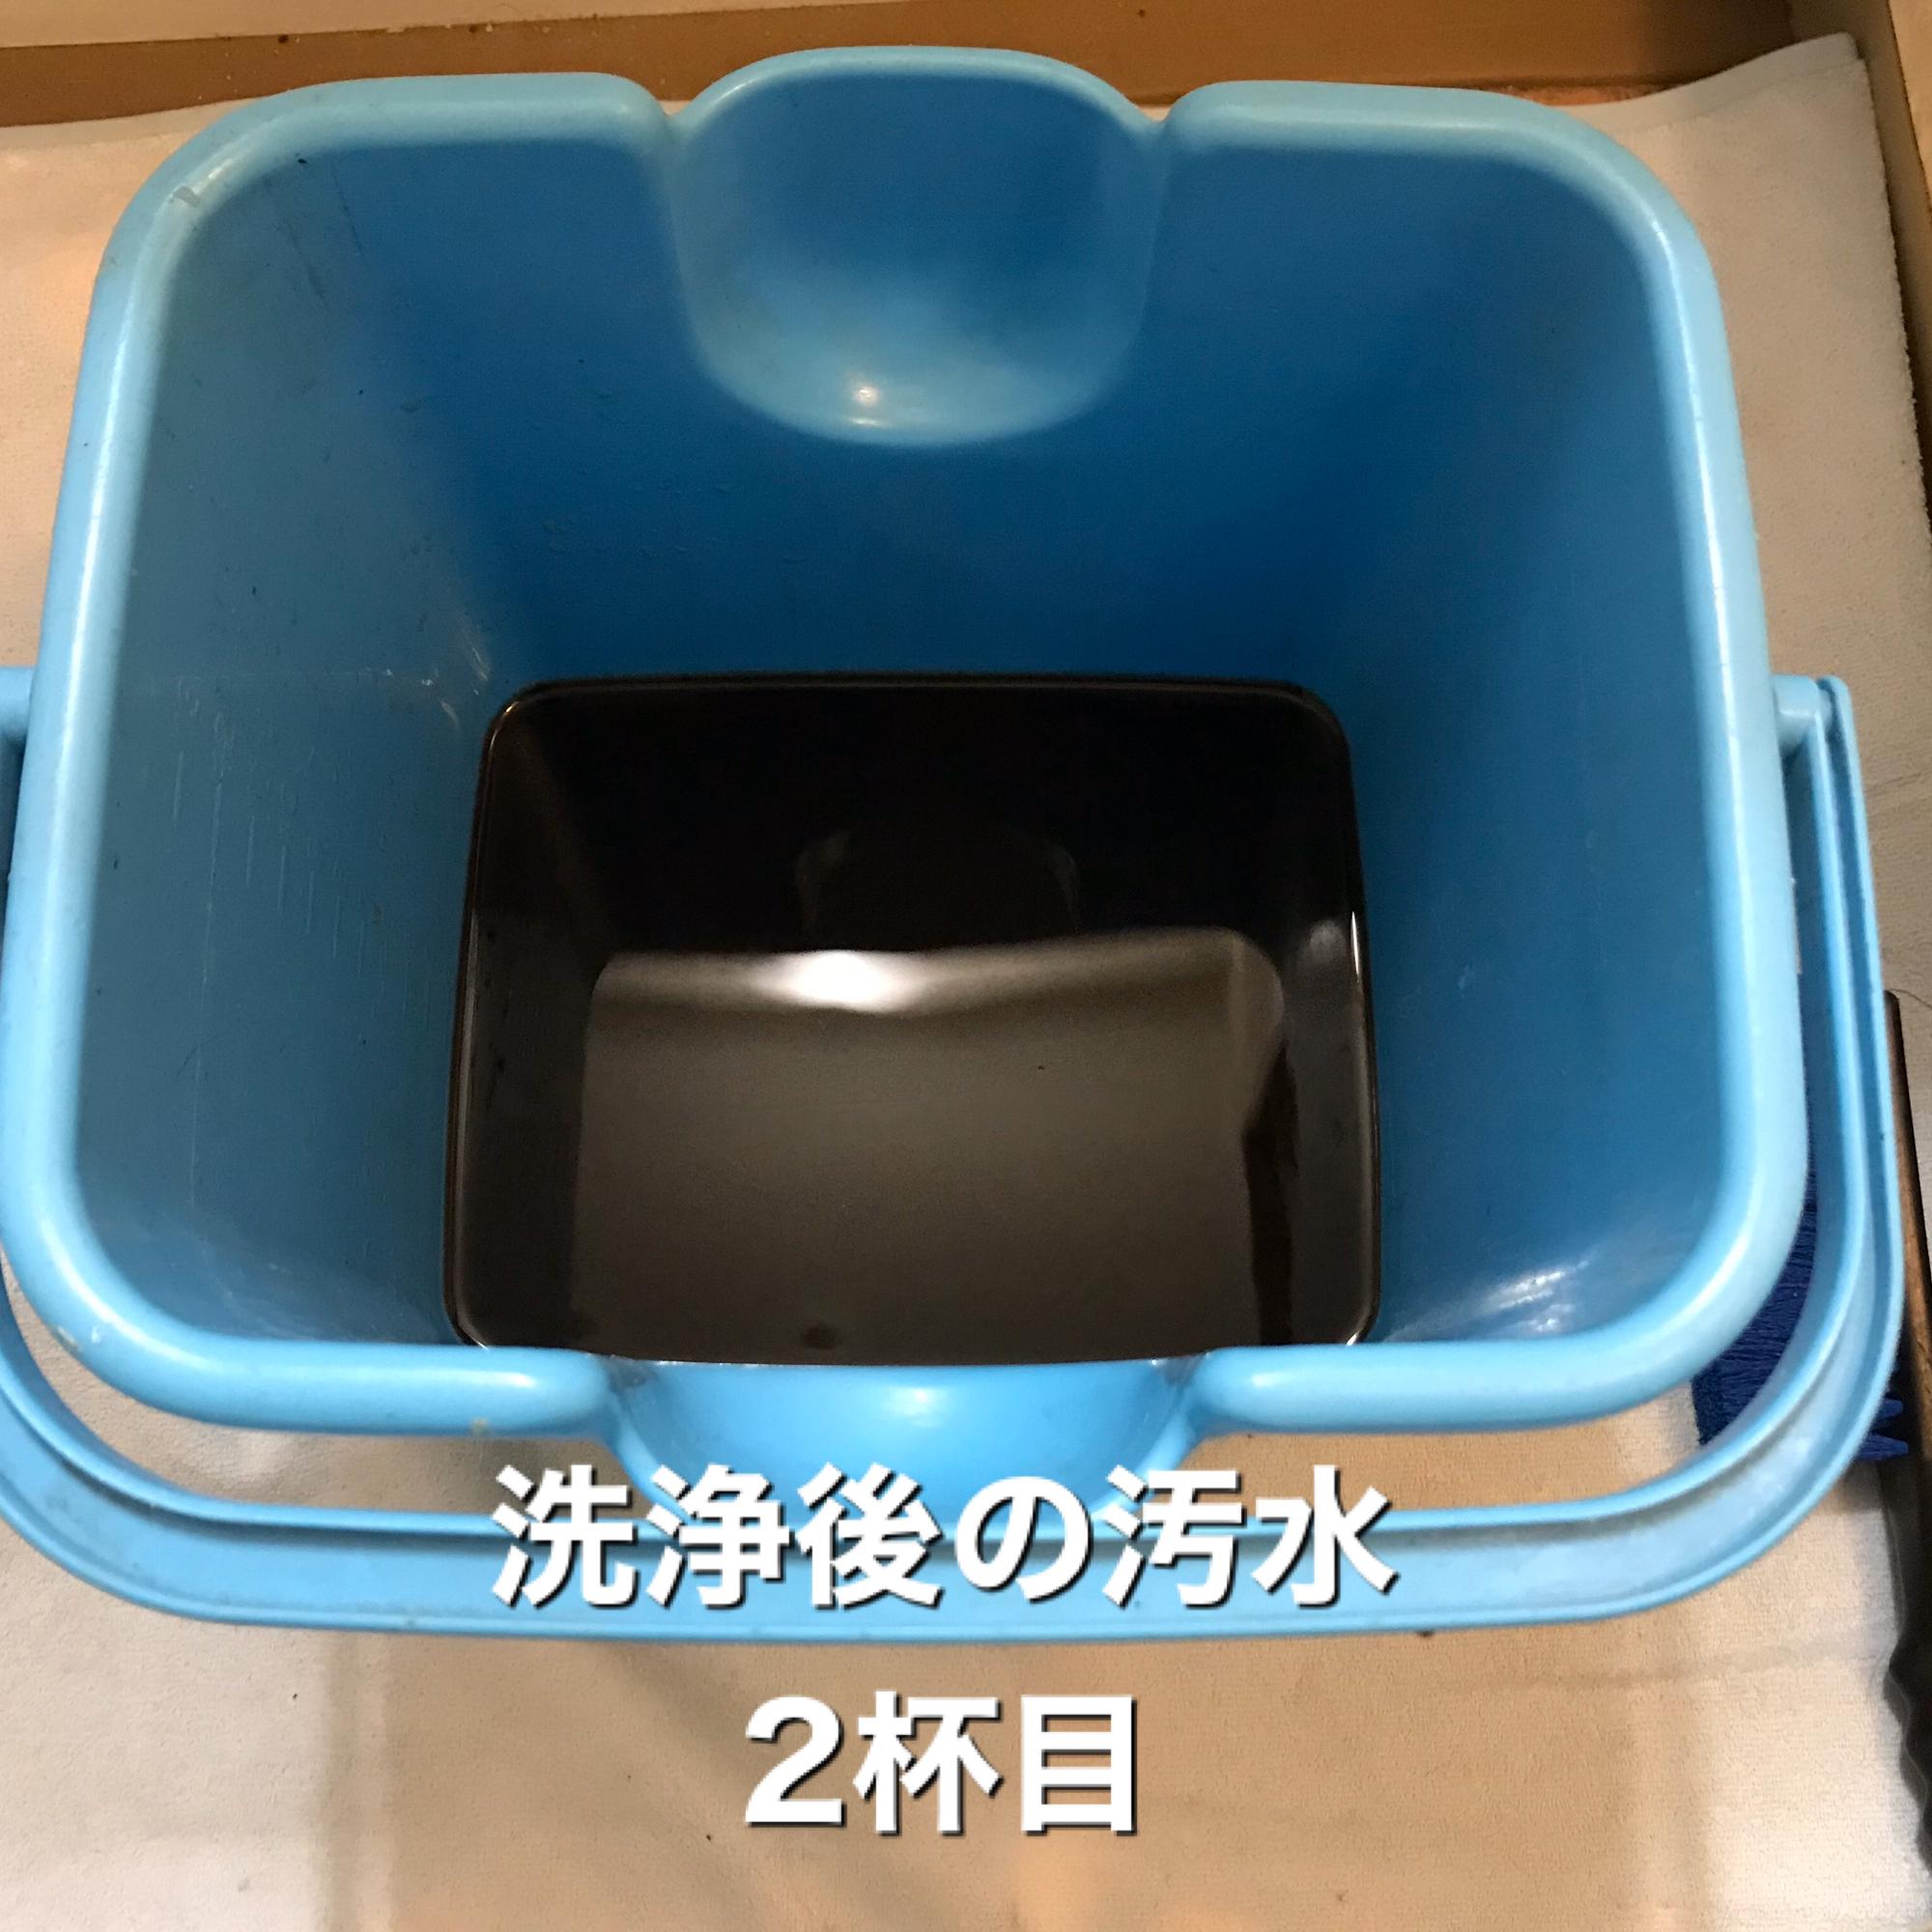 洗浄後の汚水 2杯目